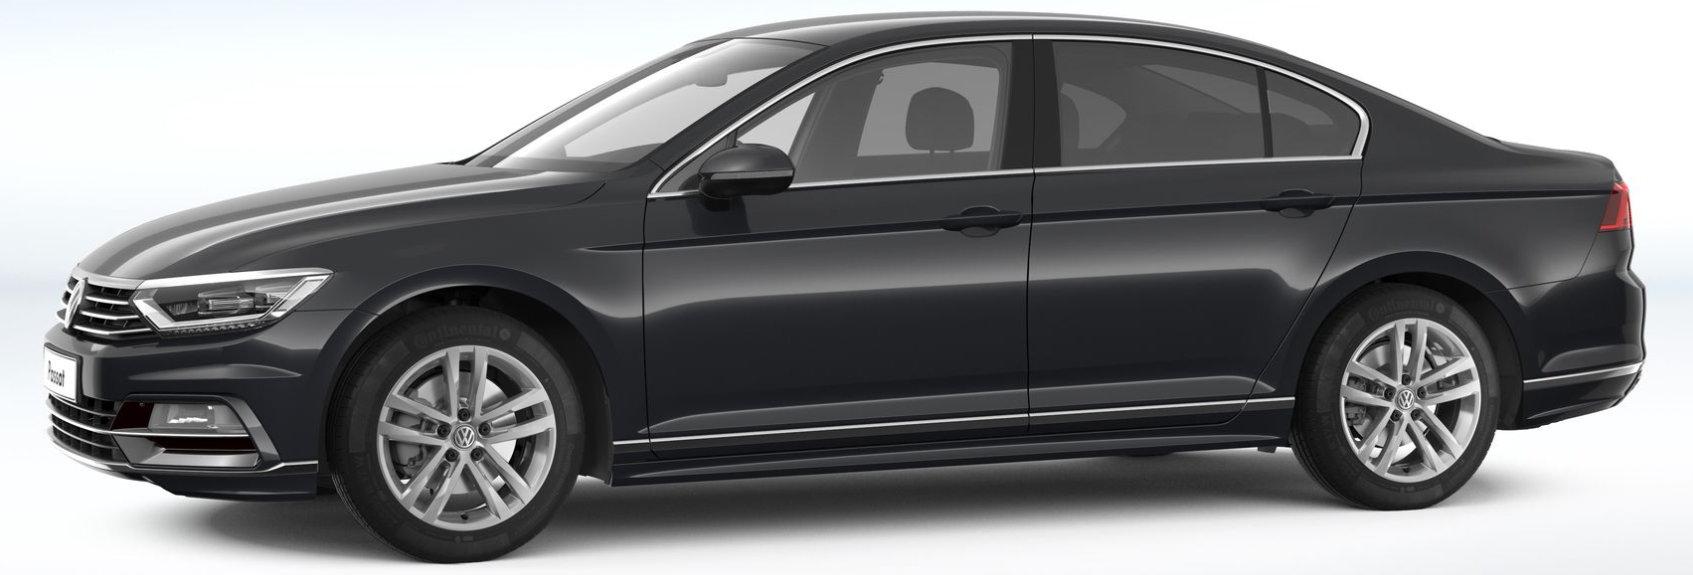 Volkswagen-Passat-leasen-2